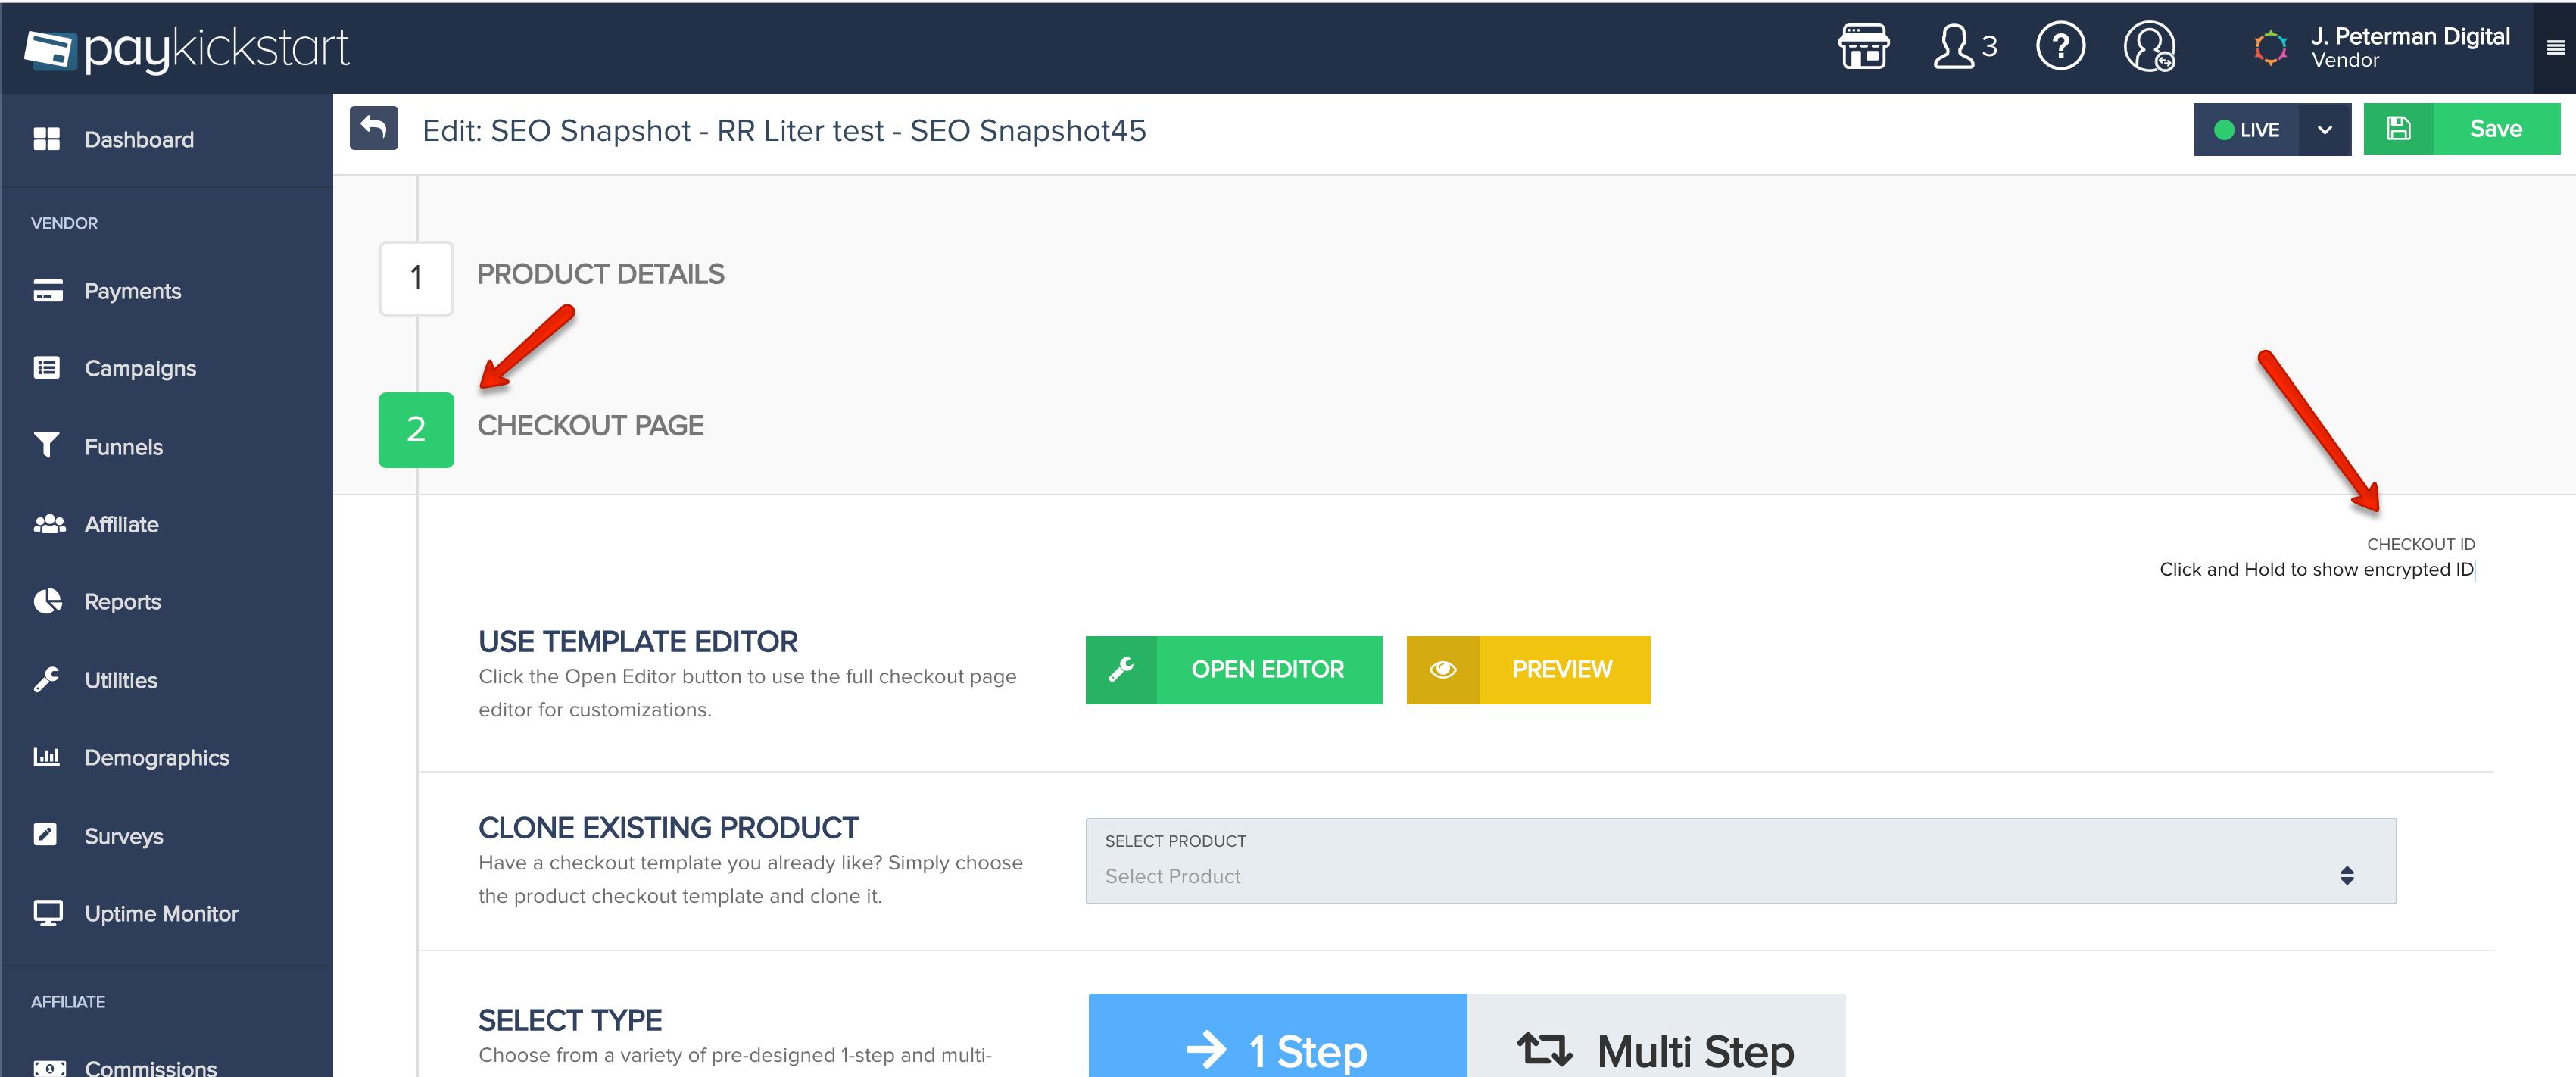 PayKickstart checkout page